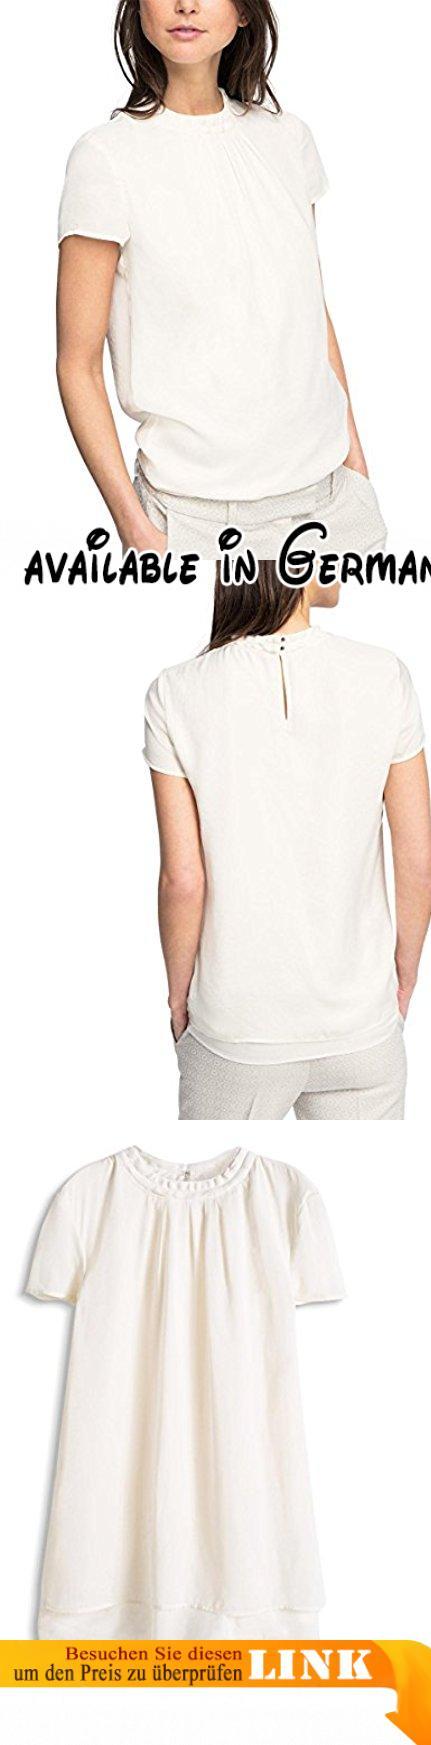 ESPRIT Collection Damen Regular Fit Bluse Blusentop, Gr. 42, Weiß (OFF WHITE 110). Zeitloses Blusentop mit dezenter 2in1 Optik; Regular Fit geschnitten.. Luftig-Lockerer Fall - lässt sich sehr angenehm tragen.. Regular Fit #Apparel #SHIRT